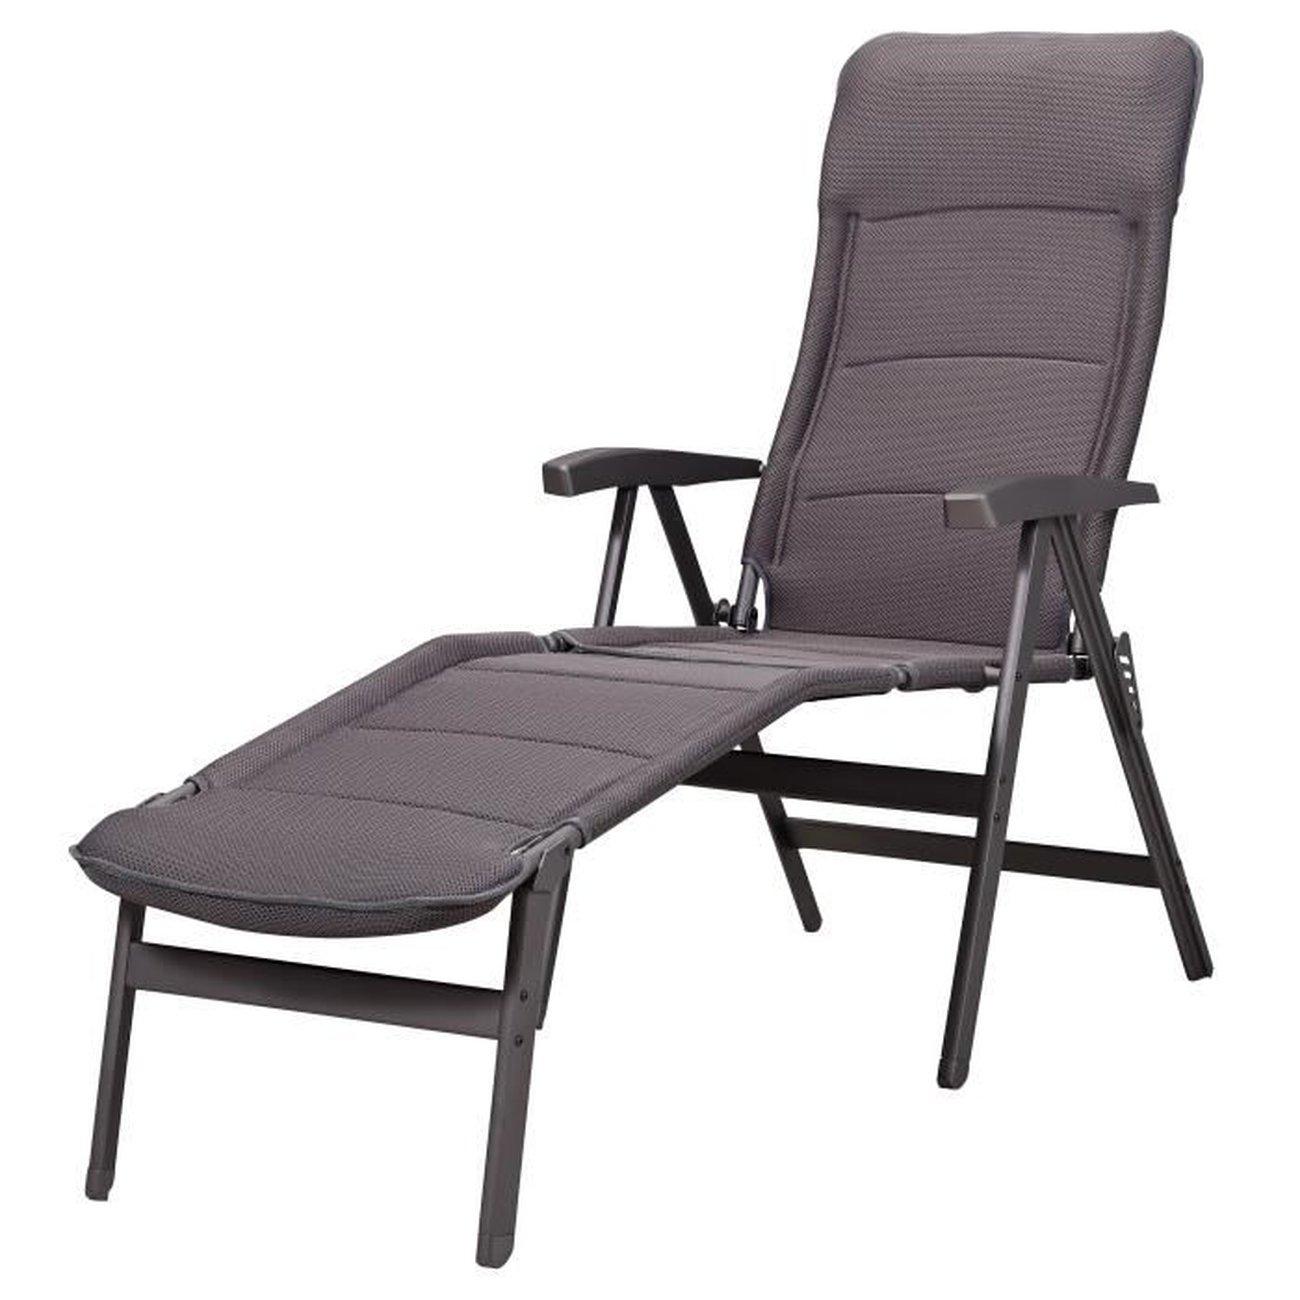 chaise de camping fauteuil de camping tabouret de camping fauteuil avantgarde 1 v1